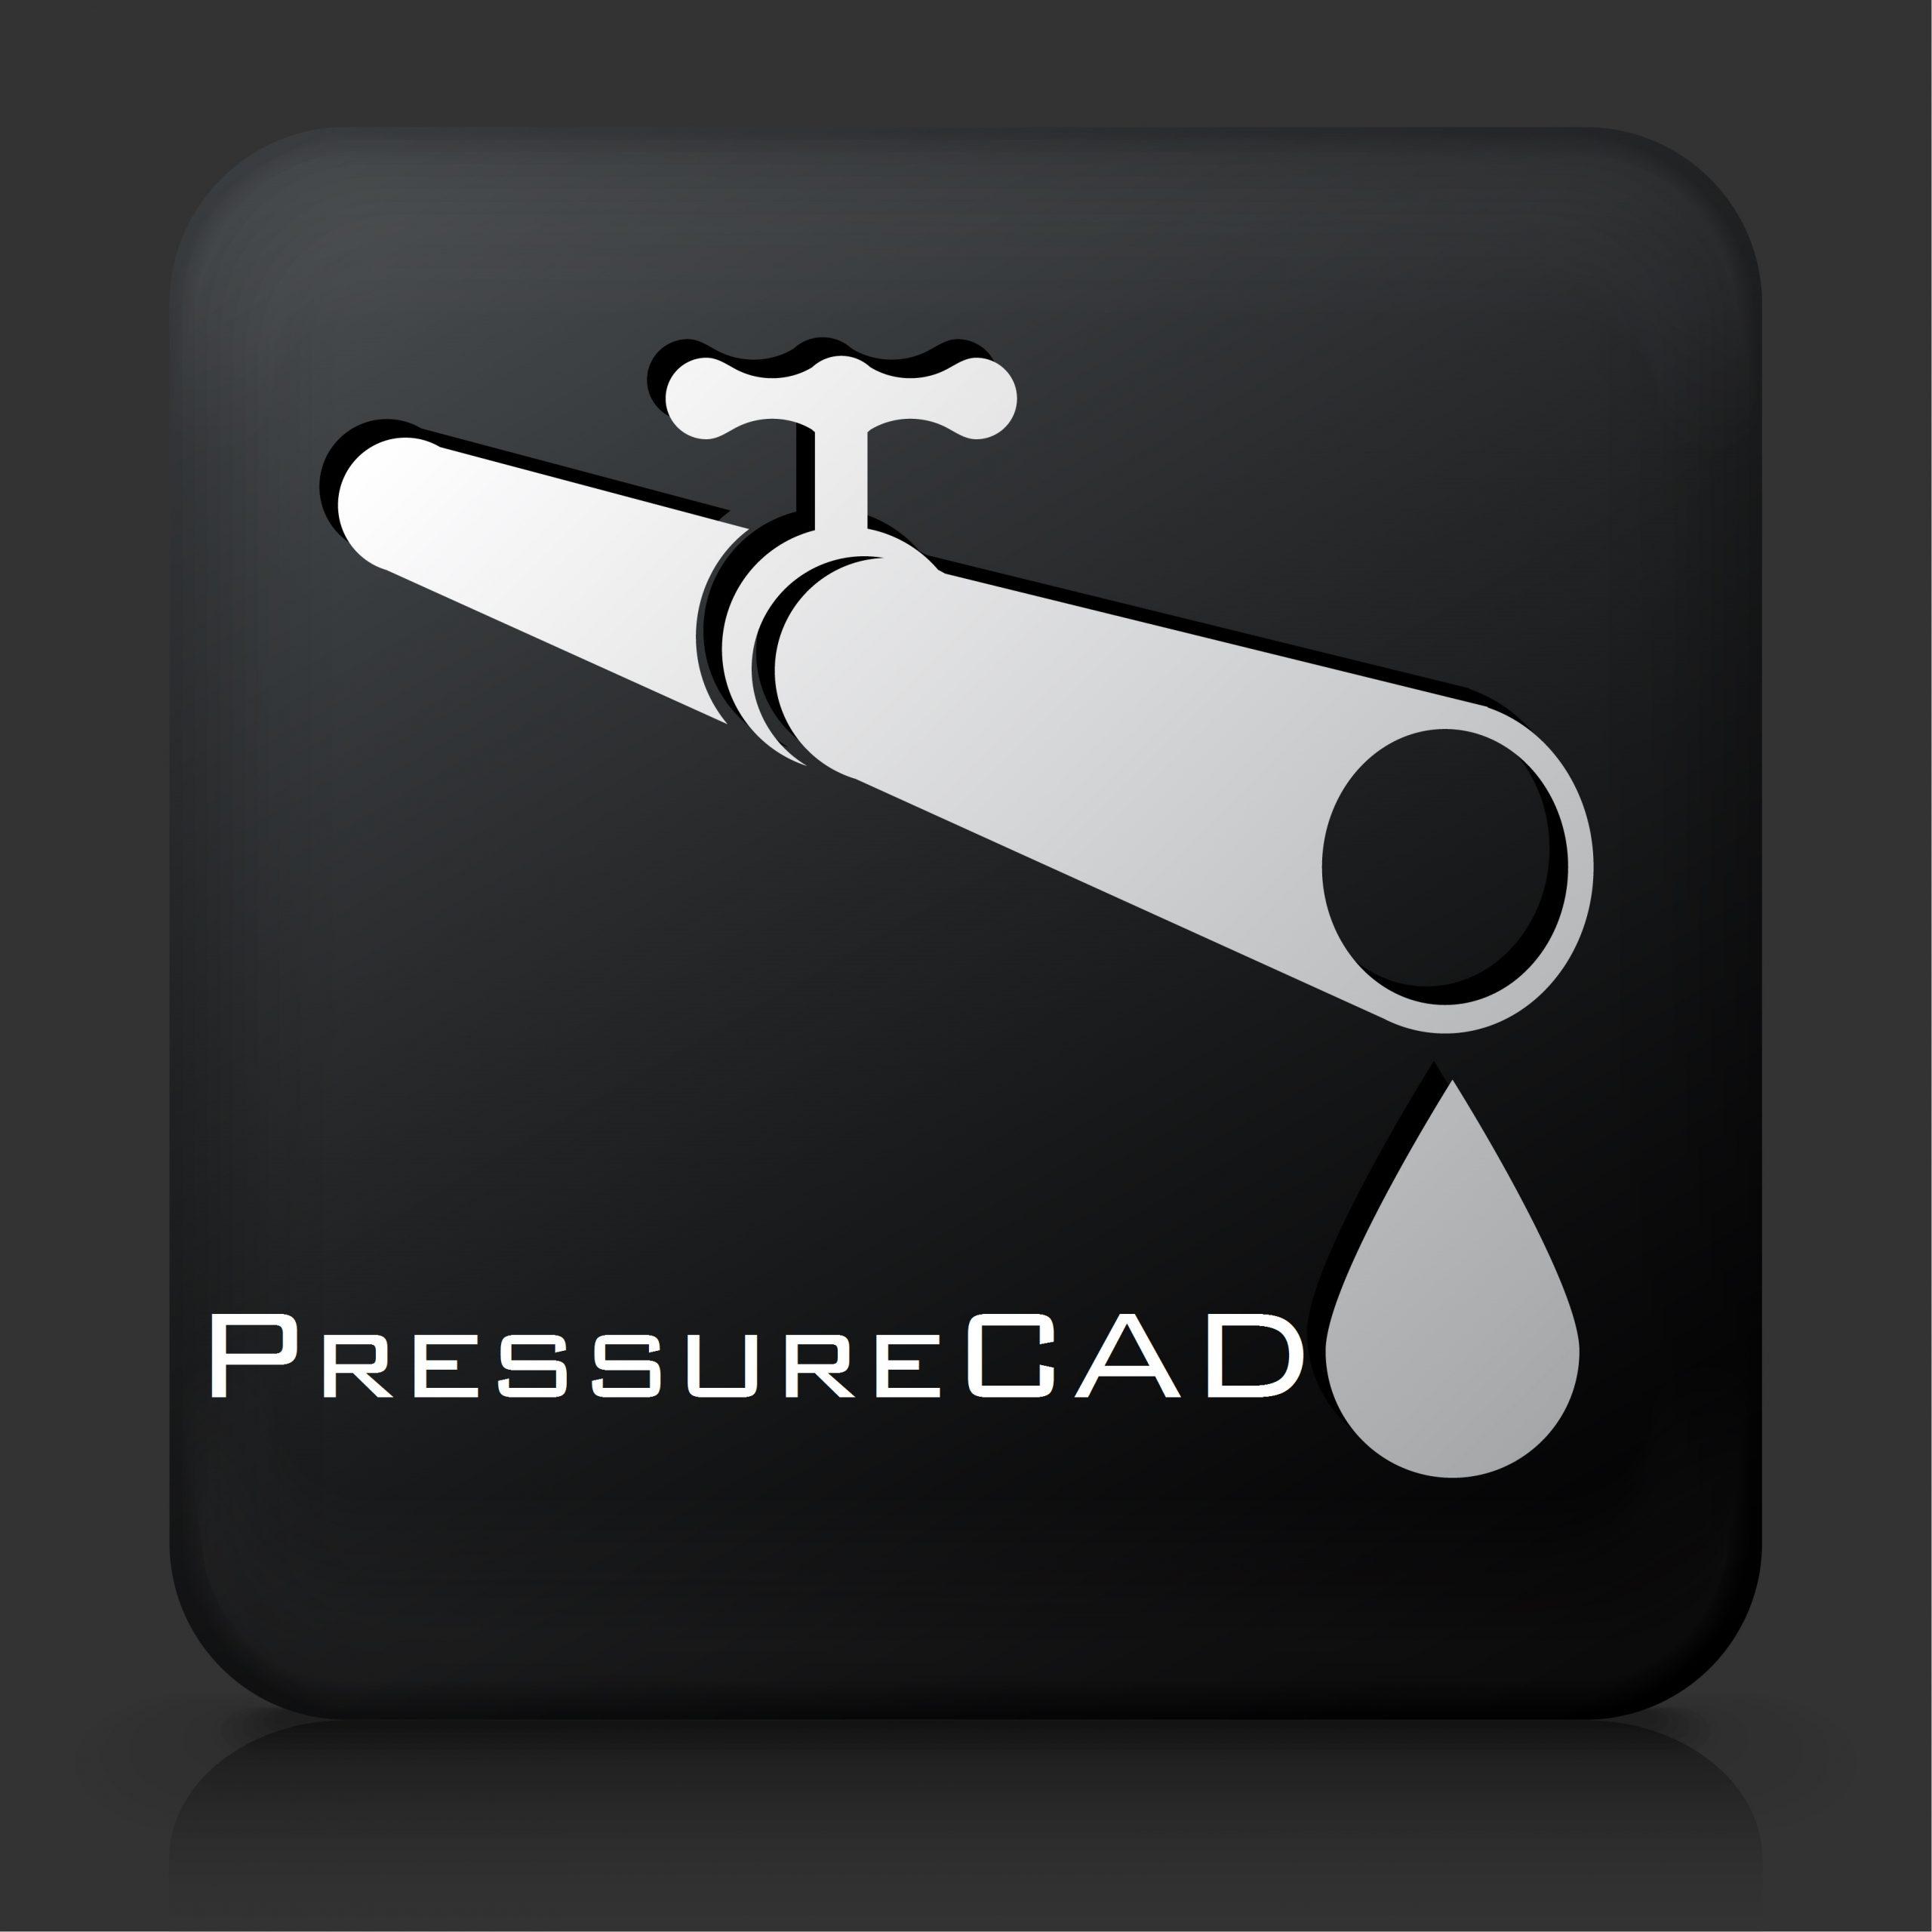 PressureCAD